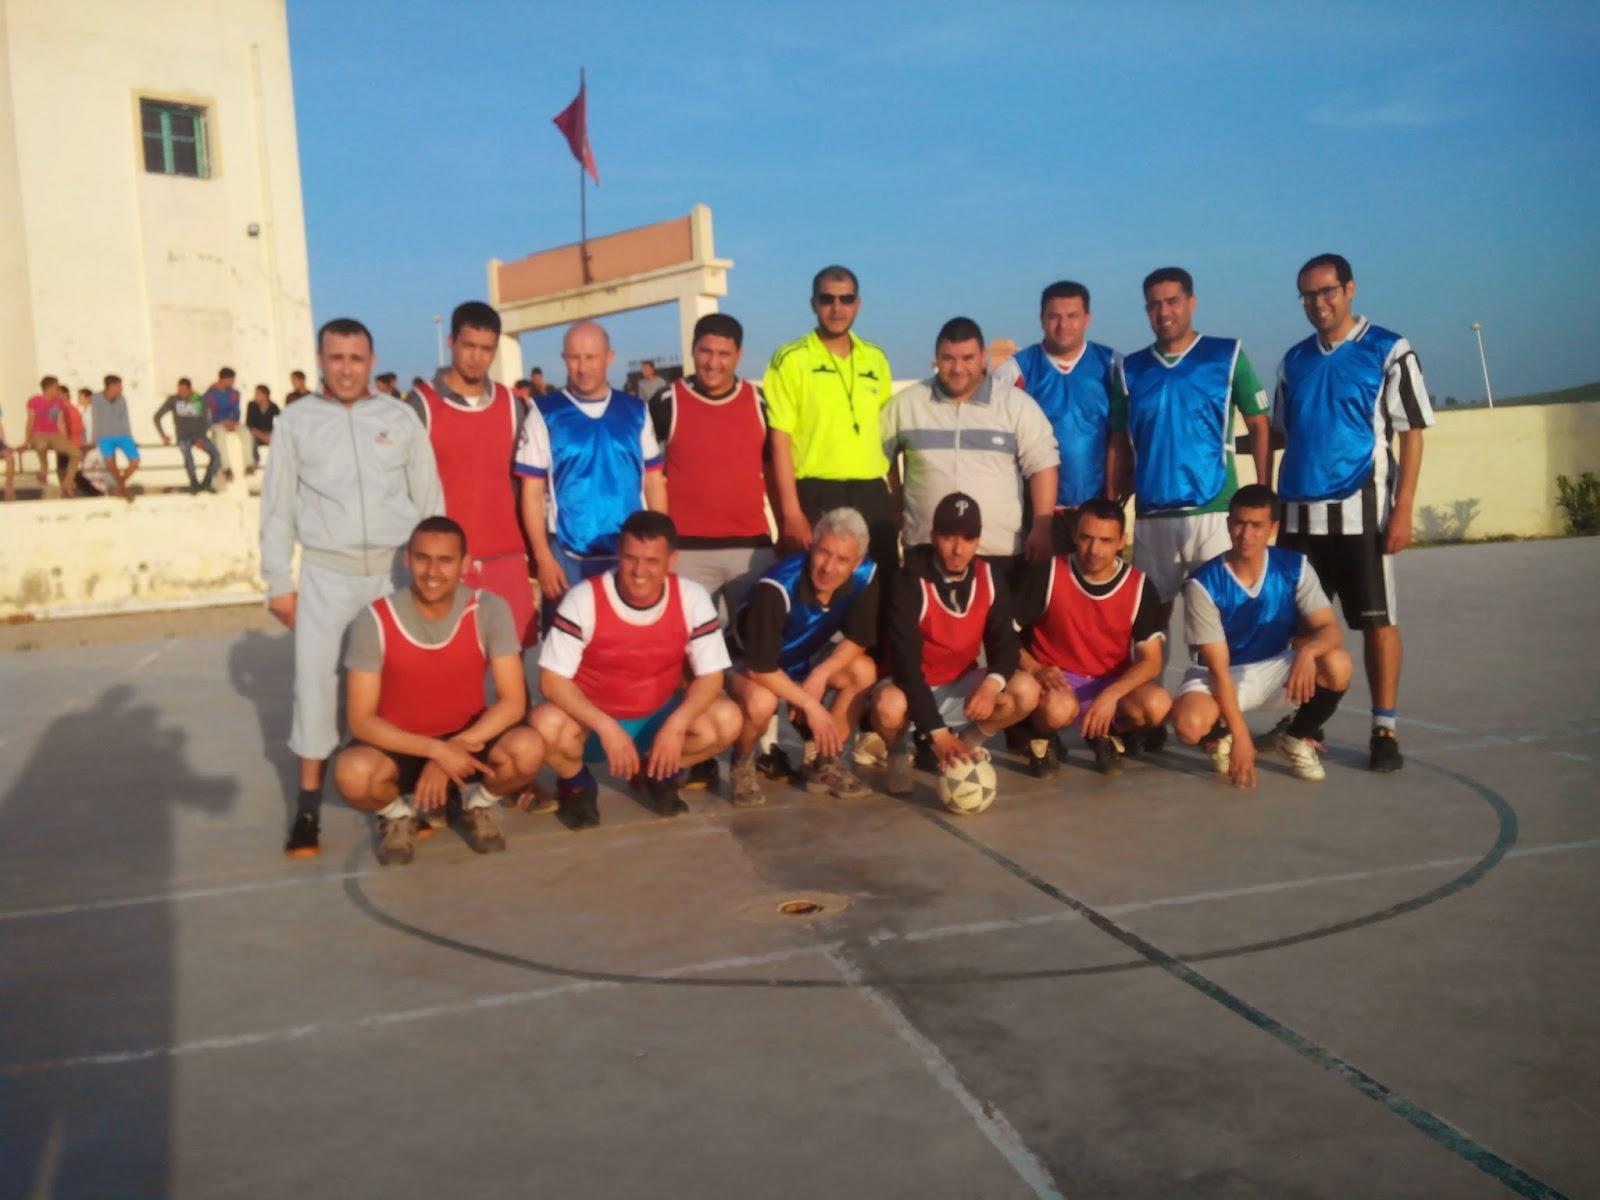 تاونات: ثانوية ابن سينا تنظم دوري لكرة القدم المصغرة لفائدة مستخدمي المصالح واساتذة بعض المؤسسات التعليمية بدائرة تاونات